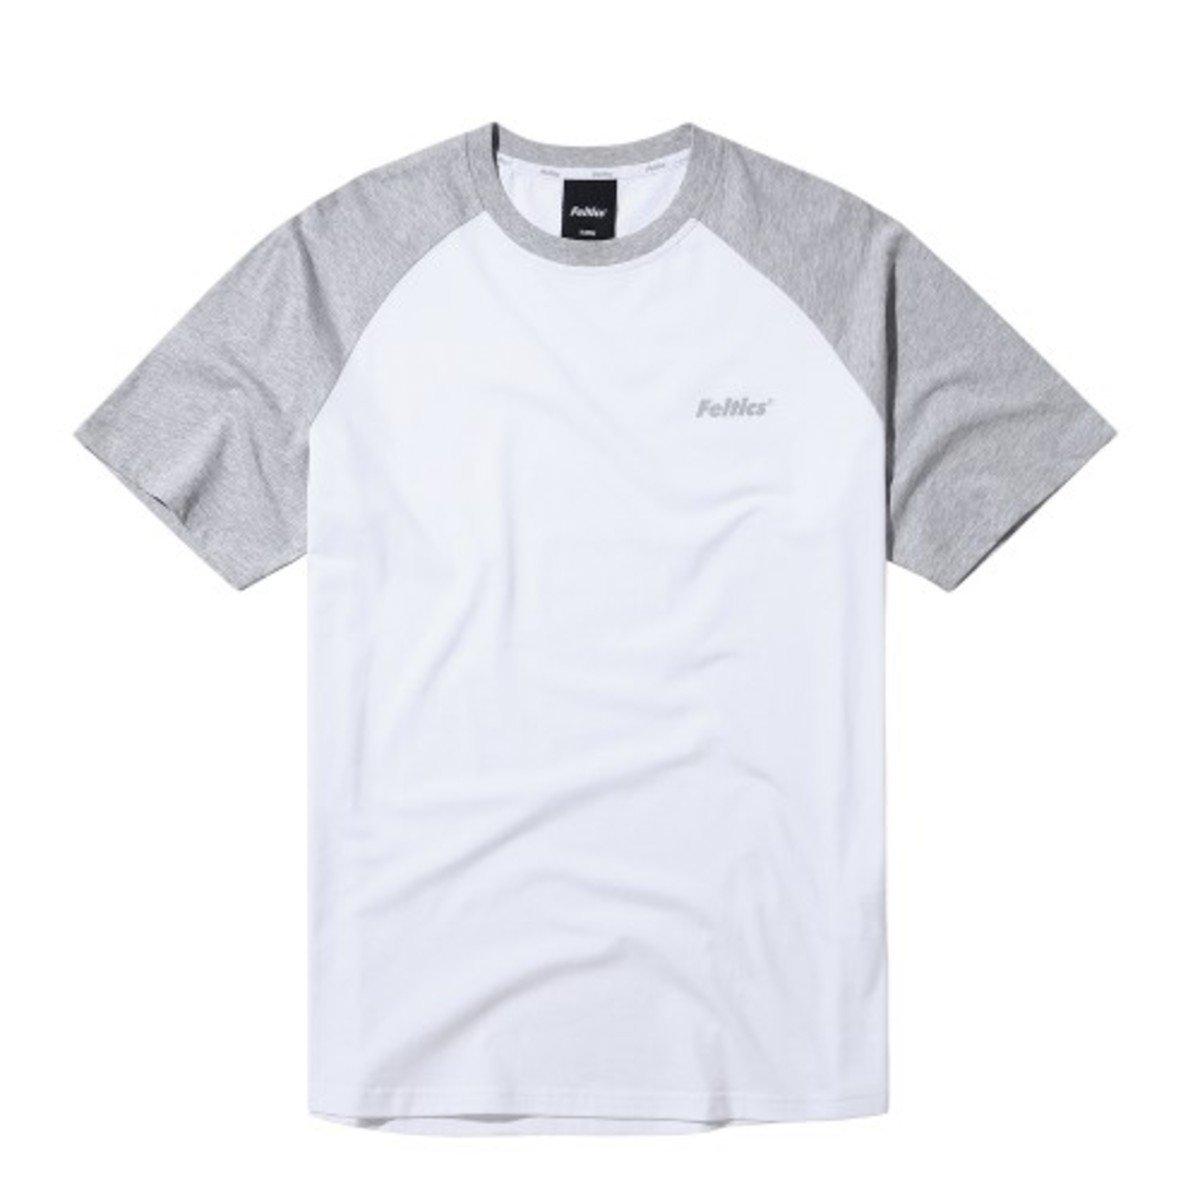 圓領拼色款短袖T恤